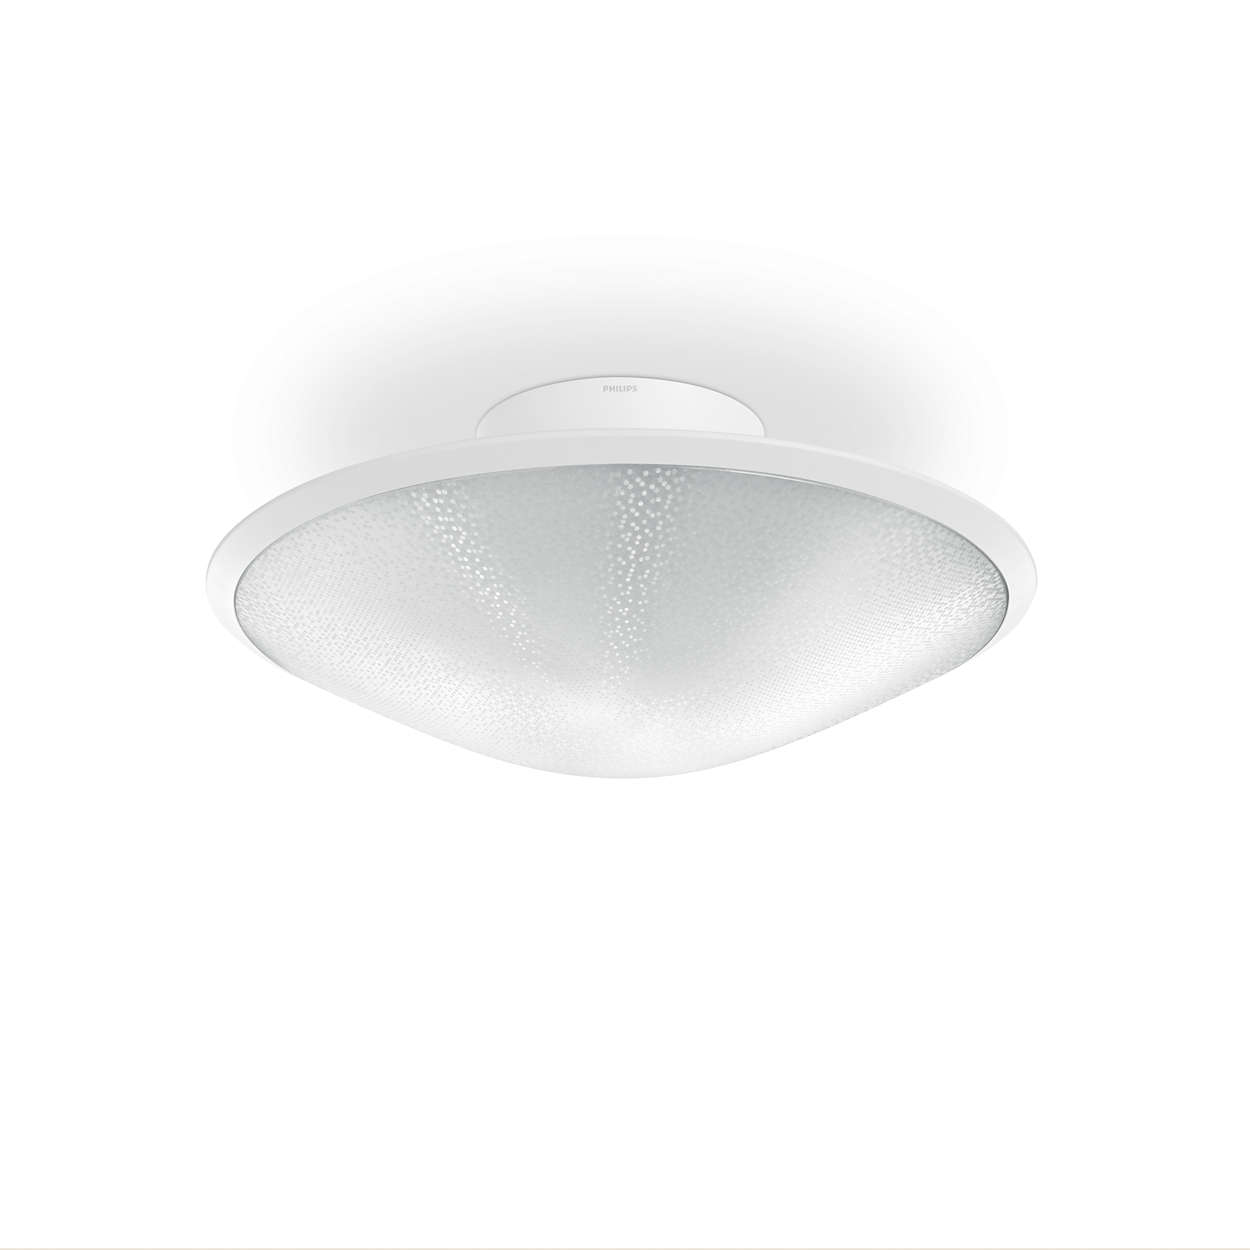 Luz que coincide con sus momentos